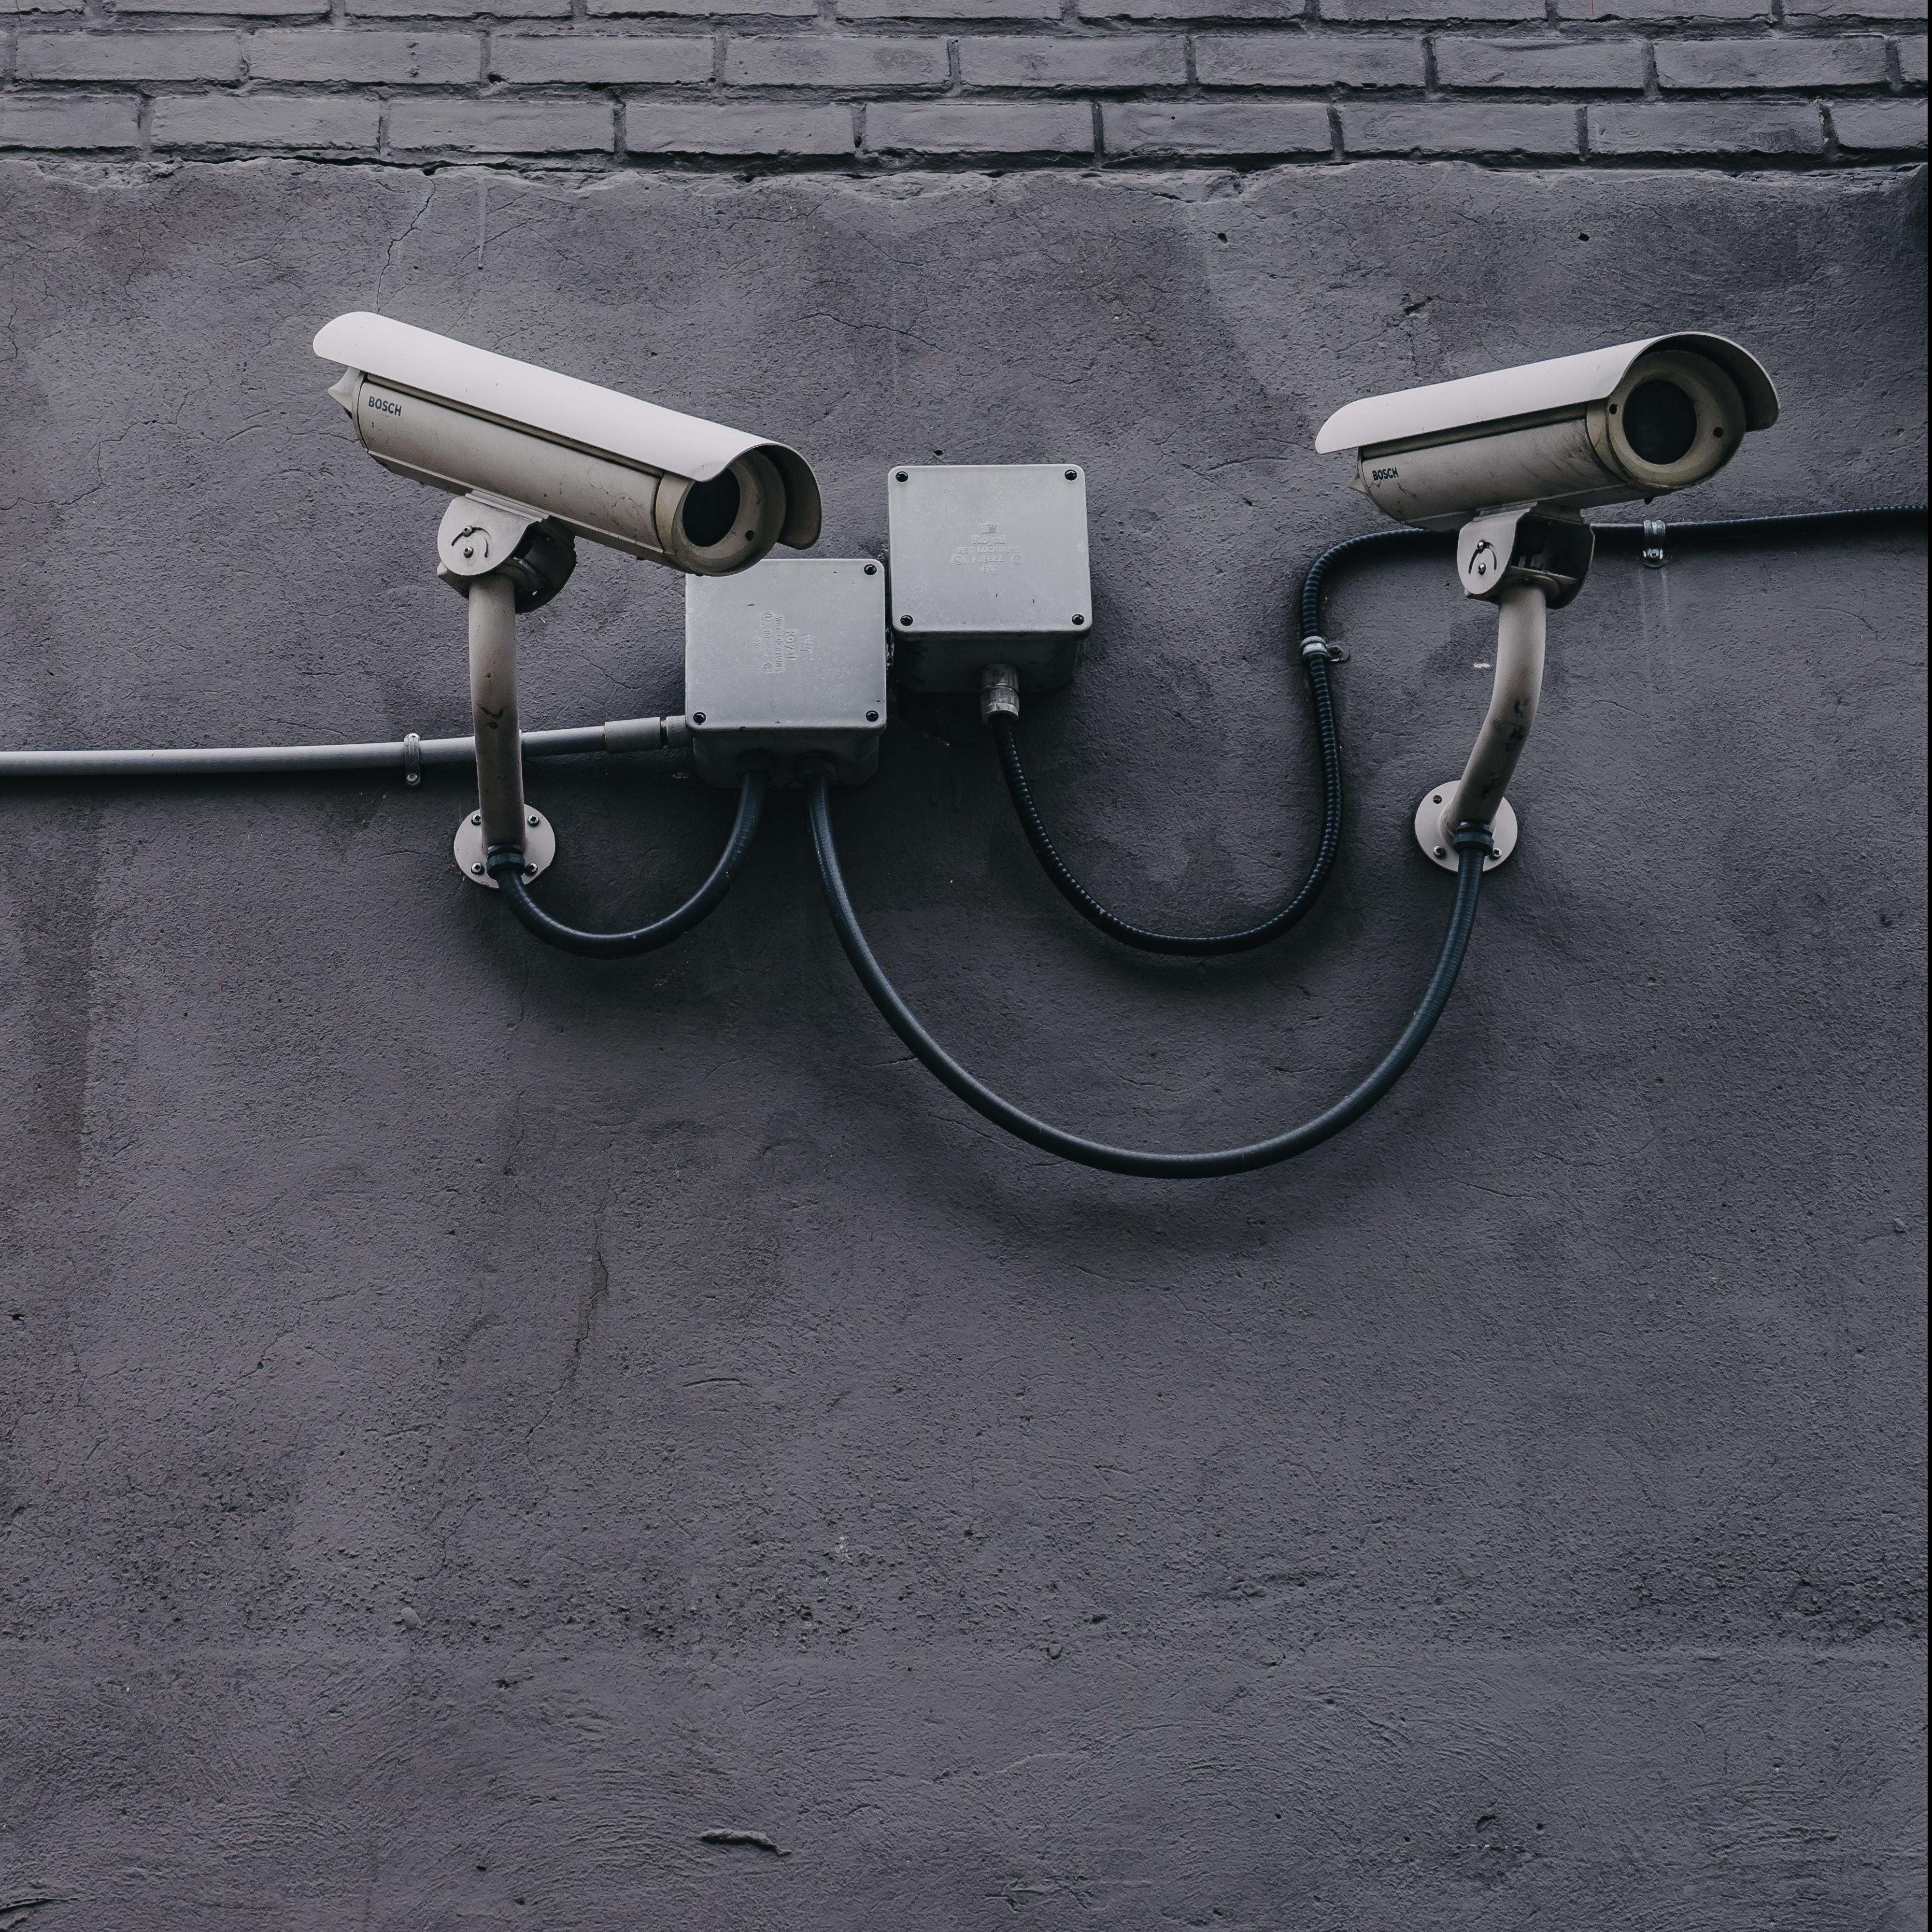 Equifax Security Breach Thumbnail